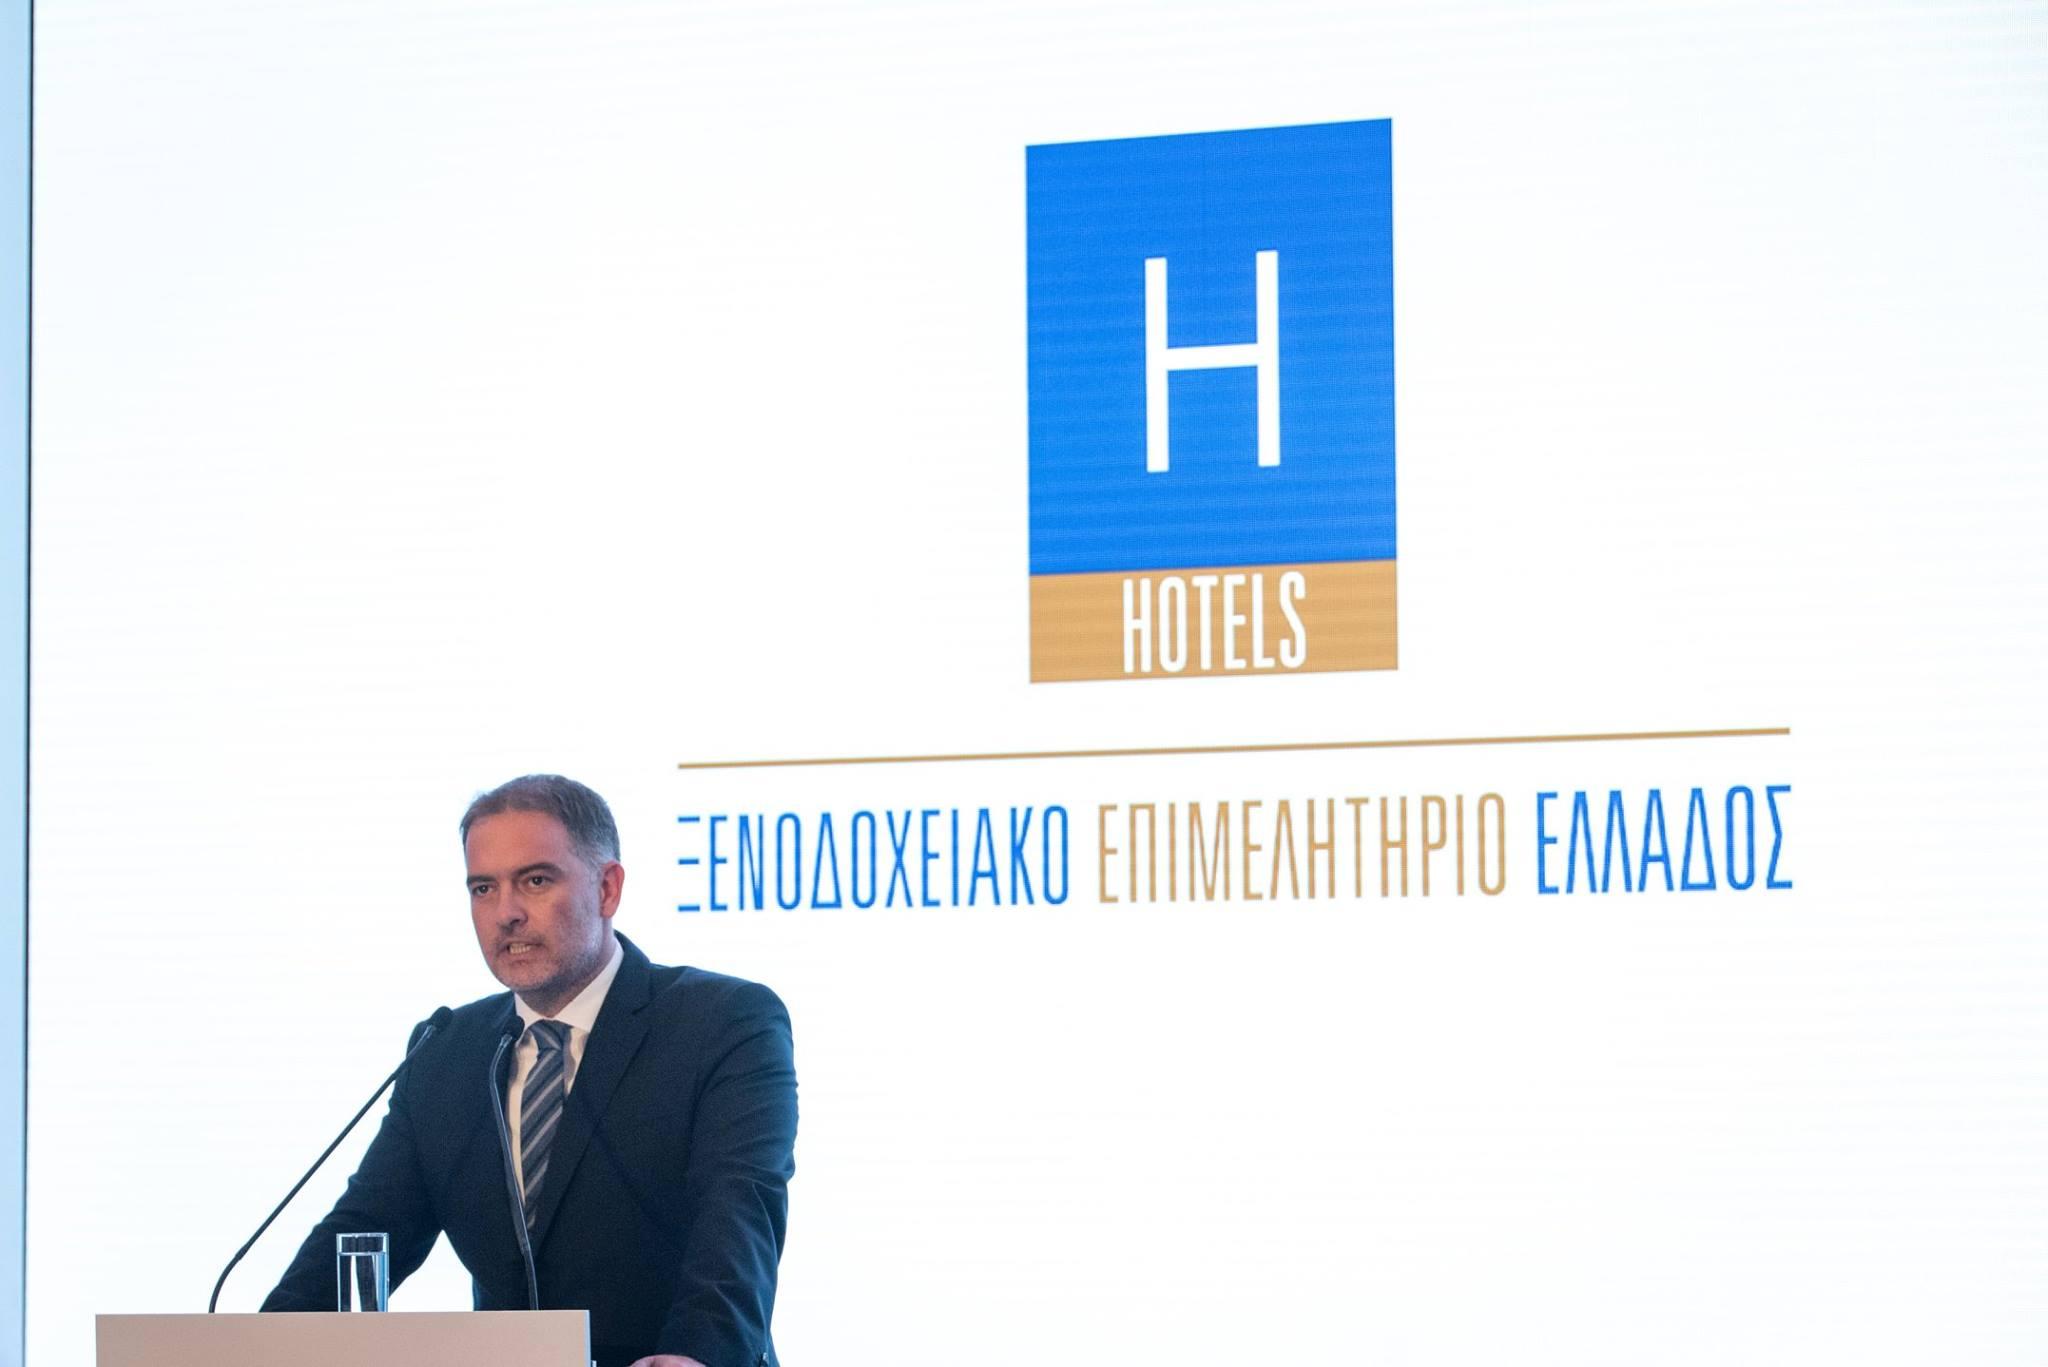 Ο πρόεδρος του Ξενοδοχειακού Επιμελητηρίου Ελλάδος, κ. Αλέξανδρος Βασιλικός